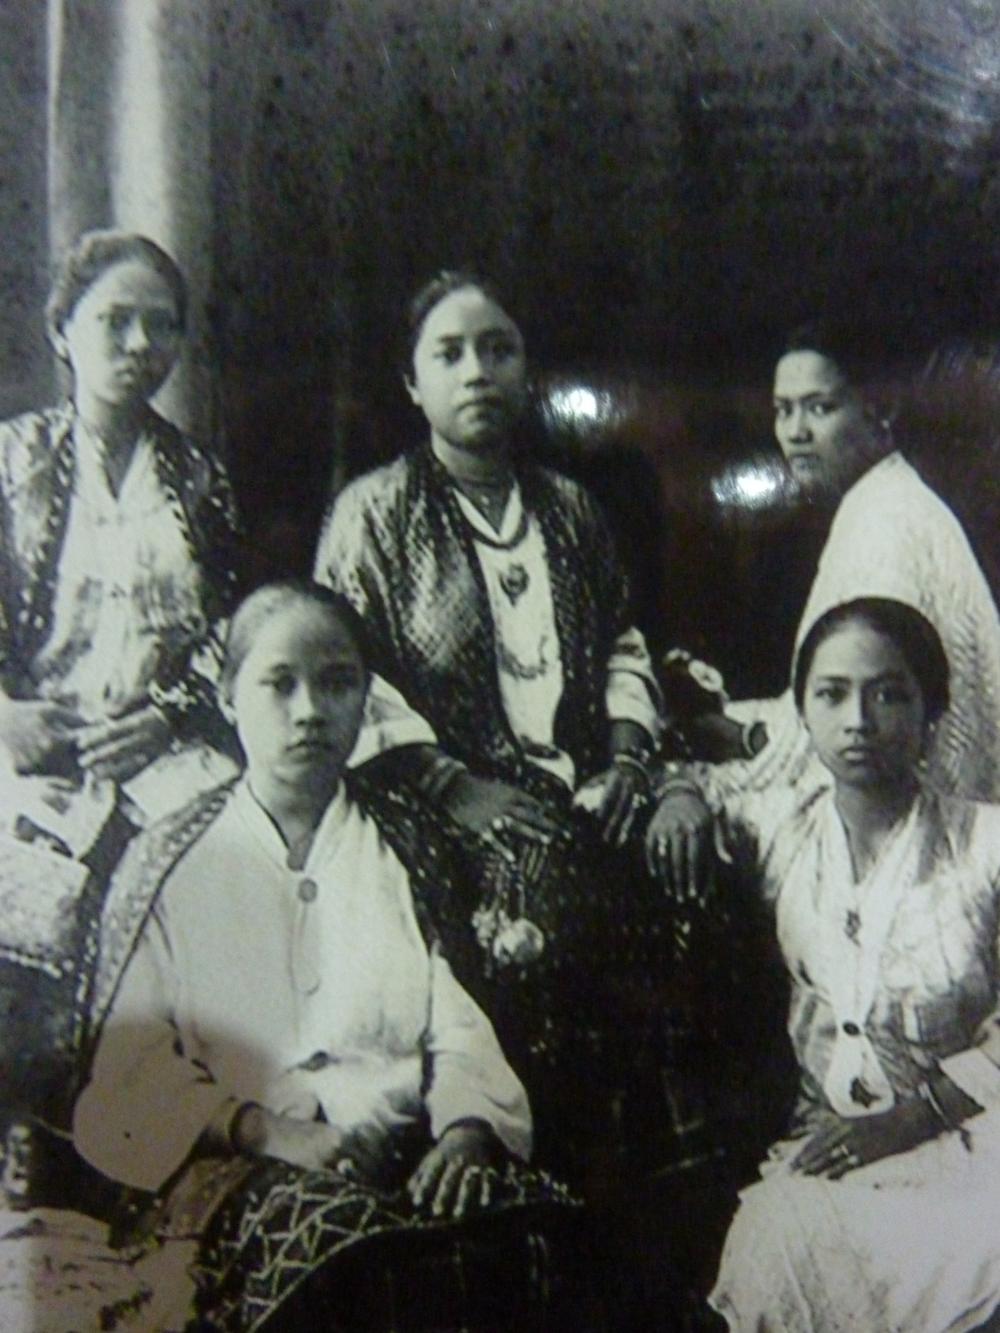 Princess Piandao (center, with black shawl)